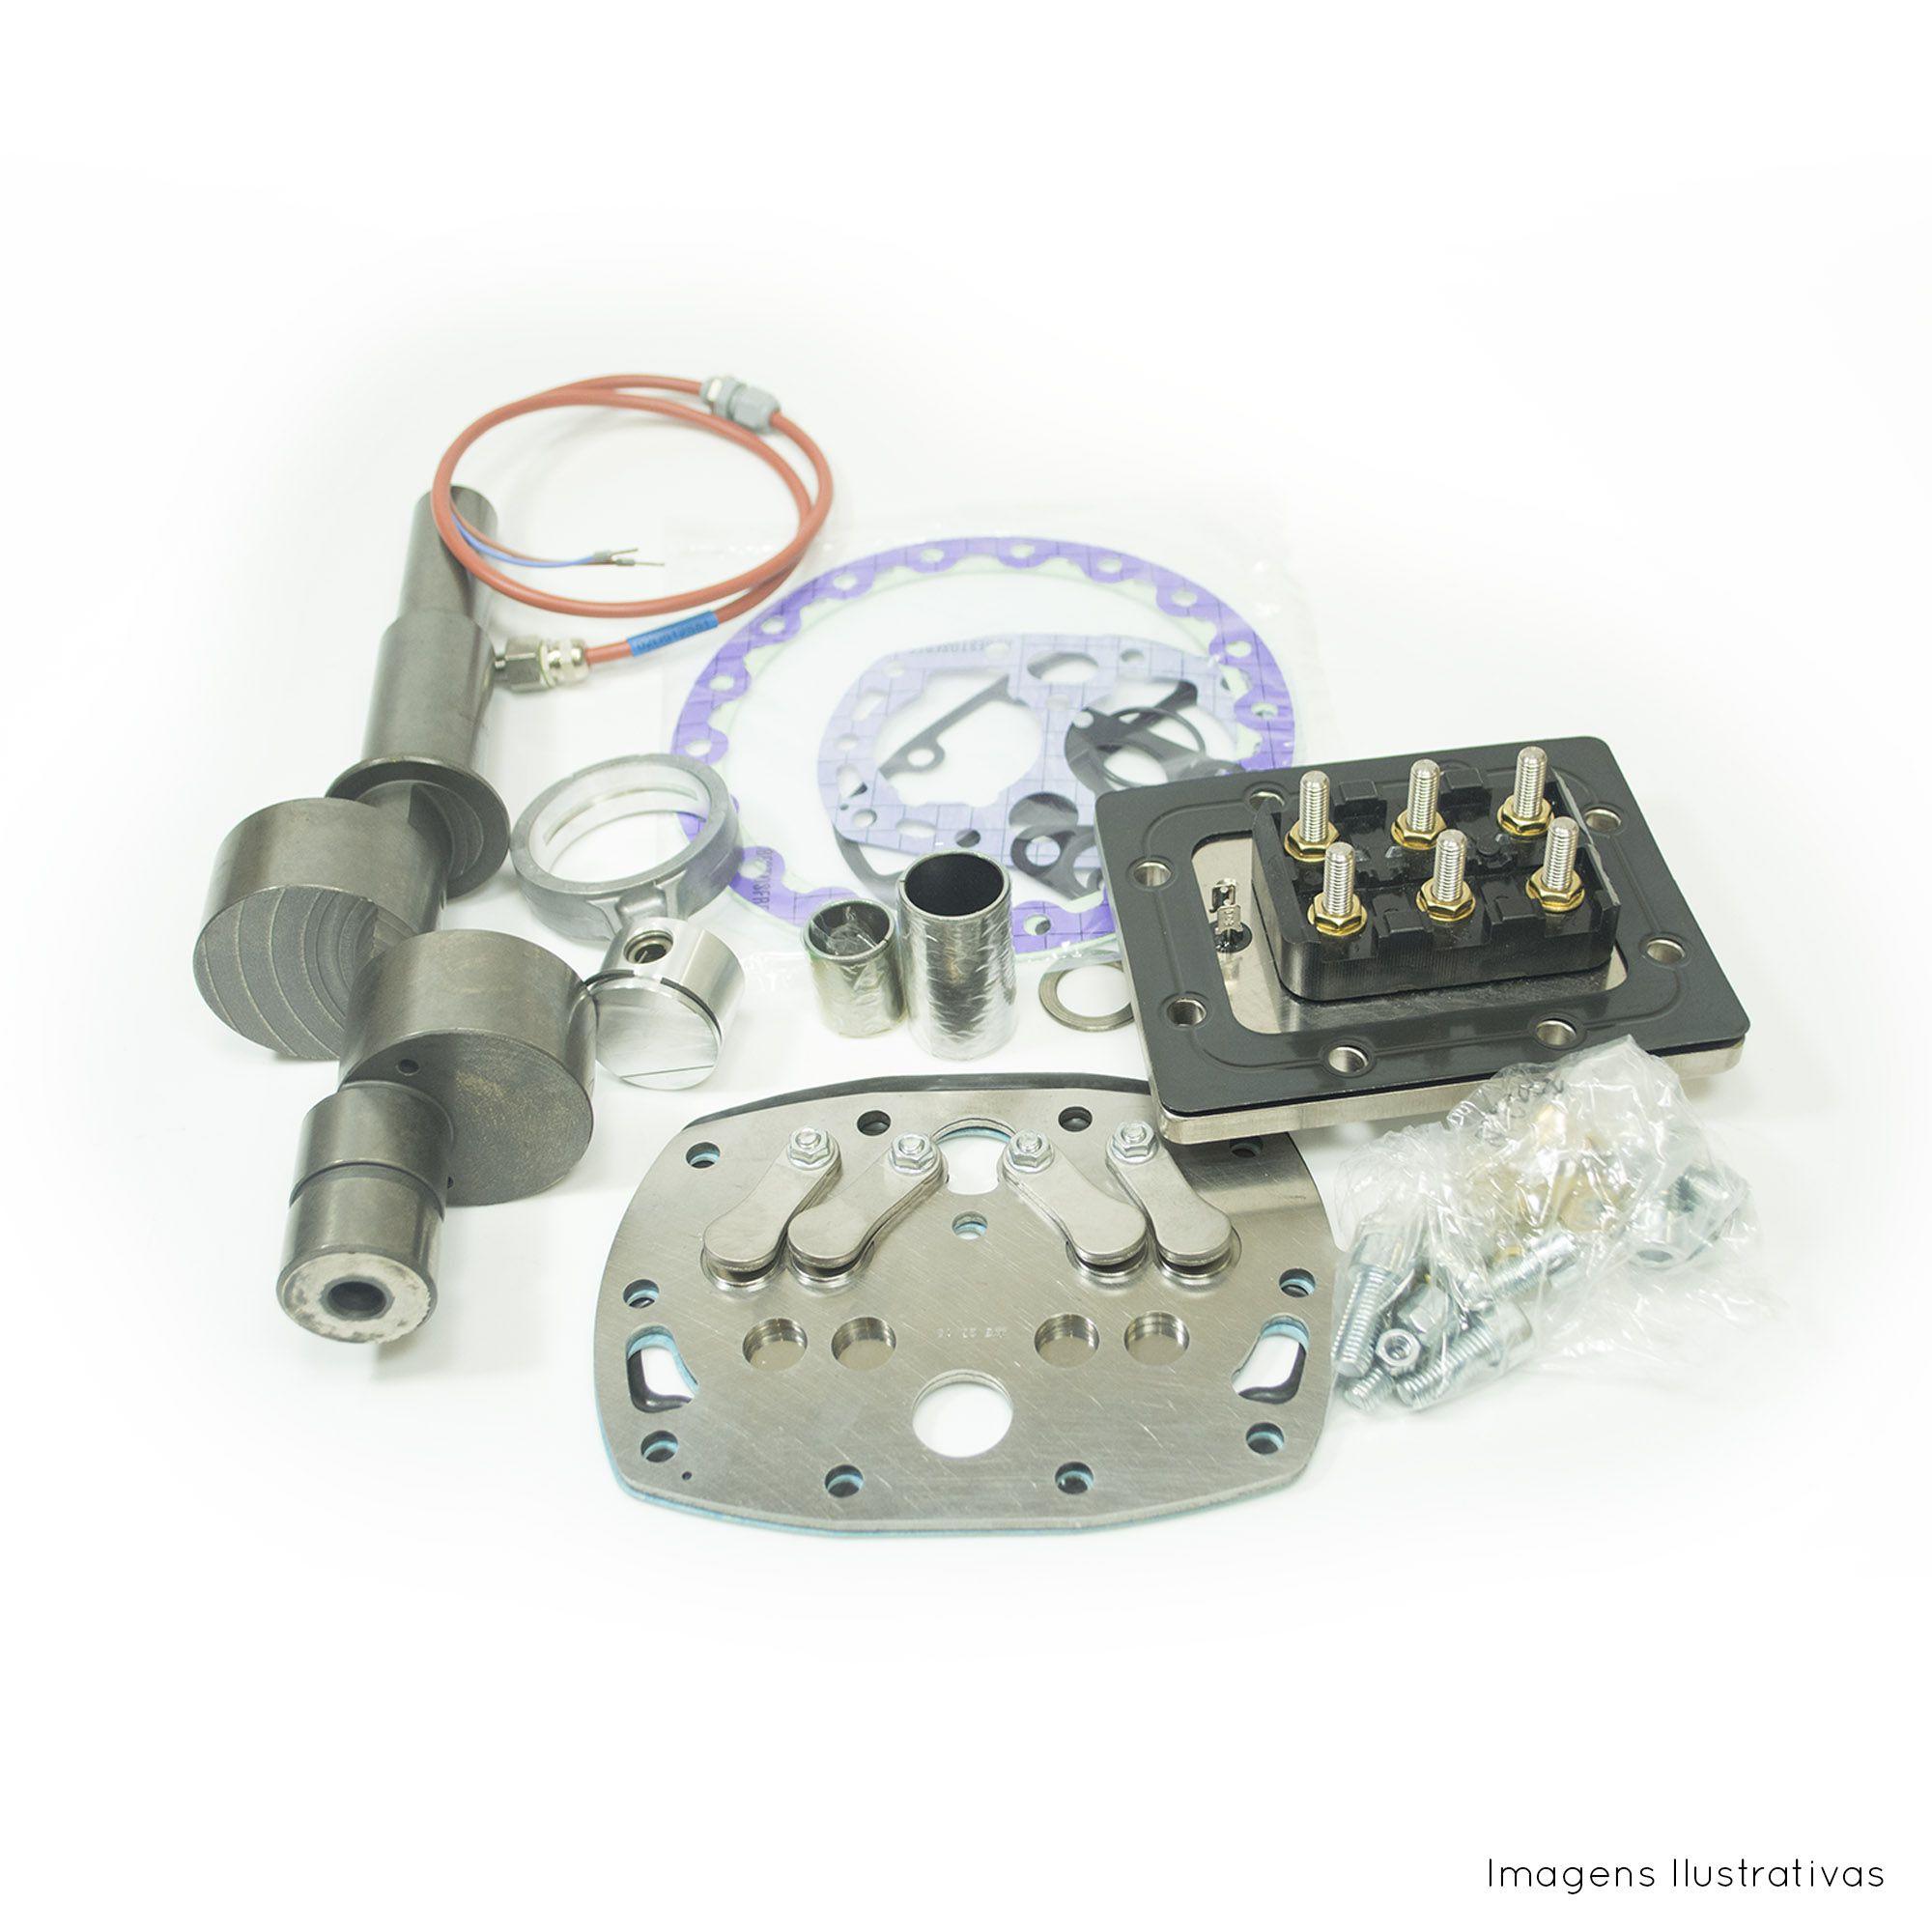 Controle de Capacidade - 704-10215